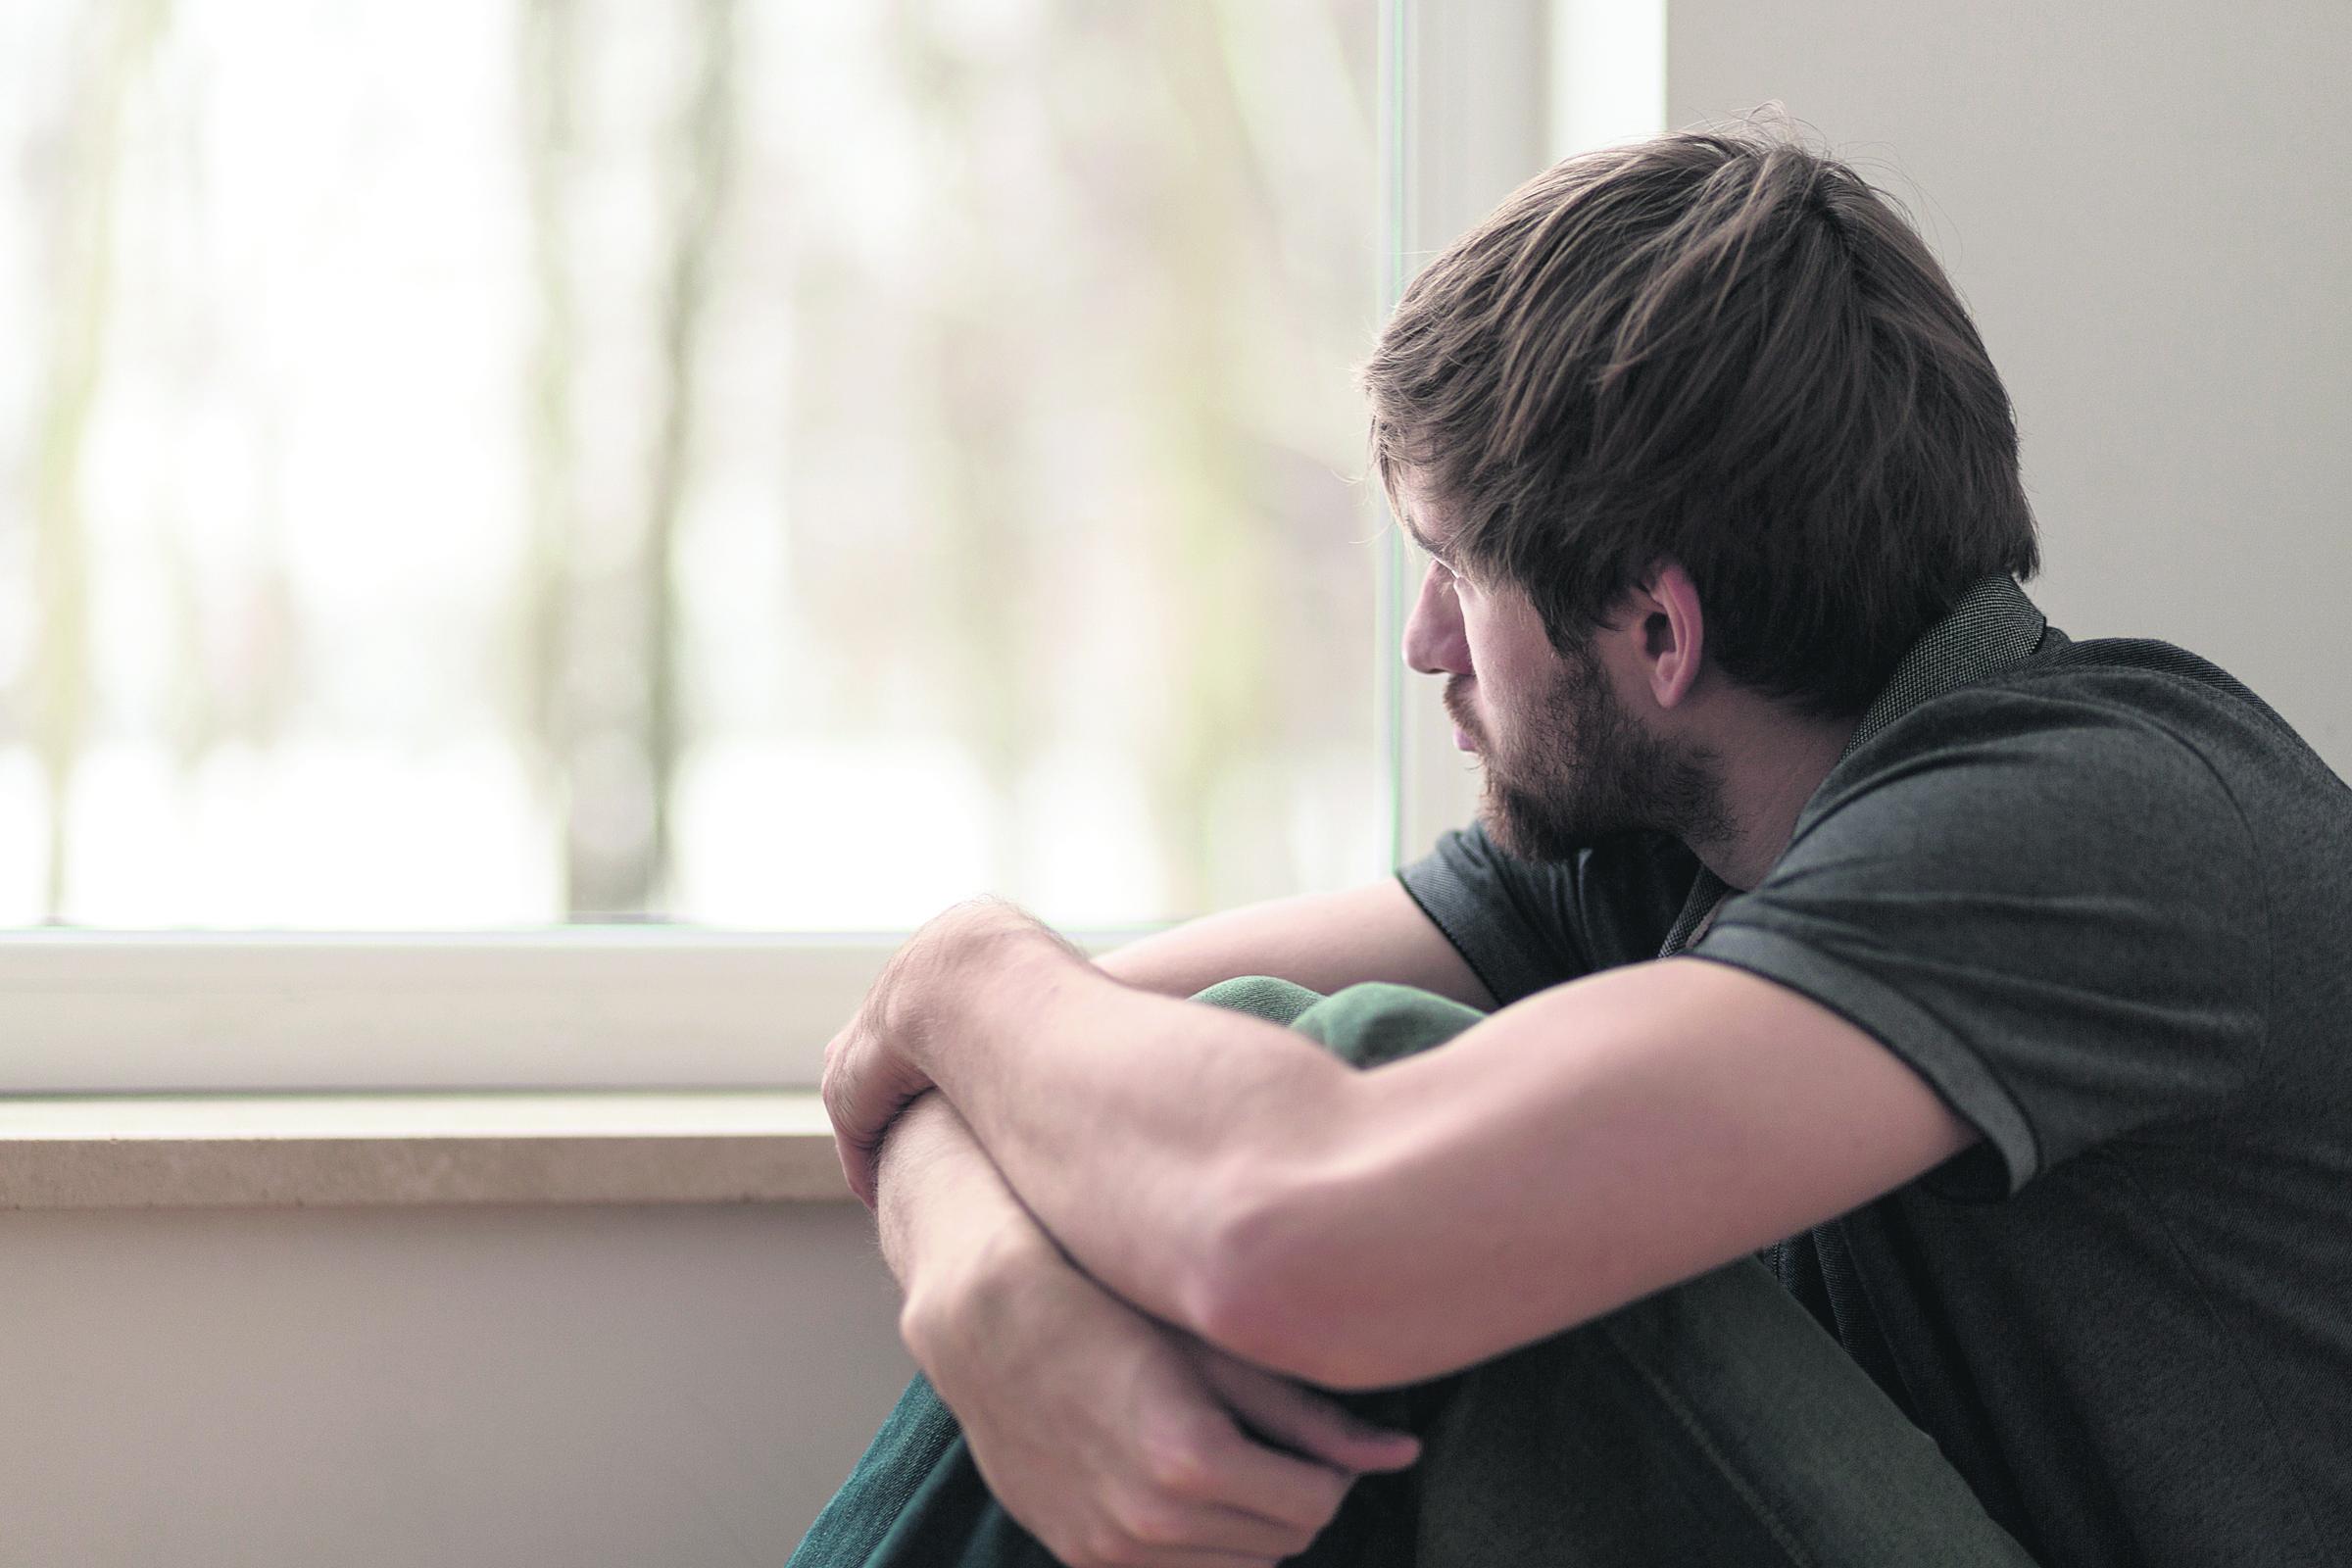 Dépression, anxiété, détresse, suicide, santé mentale